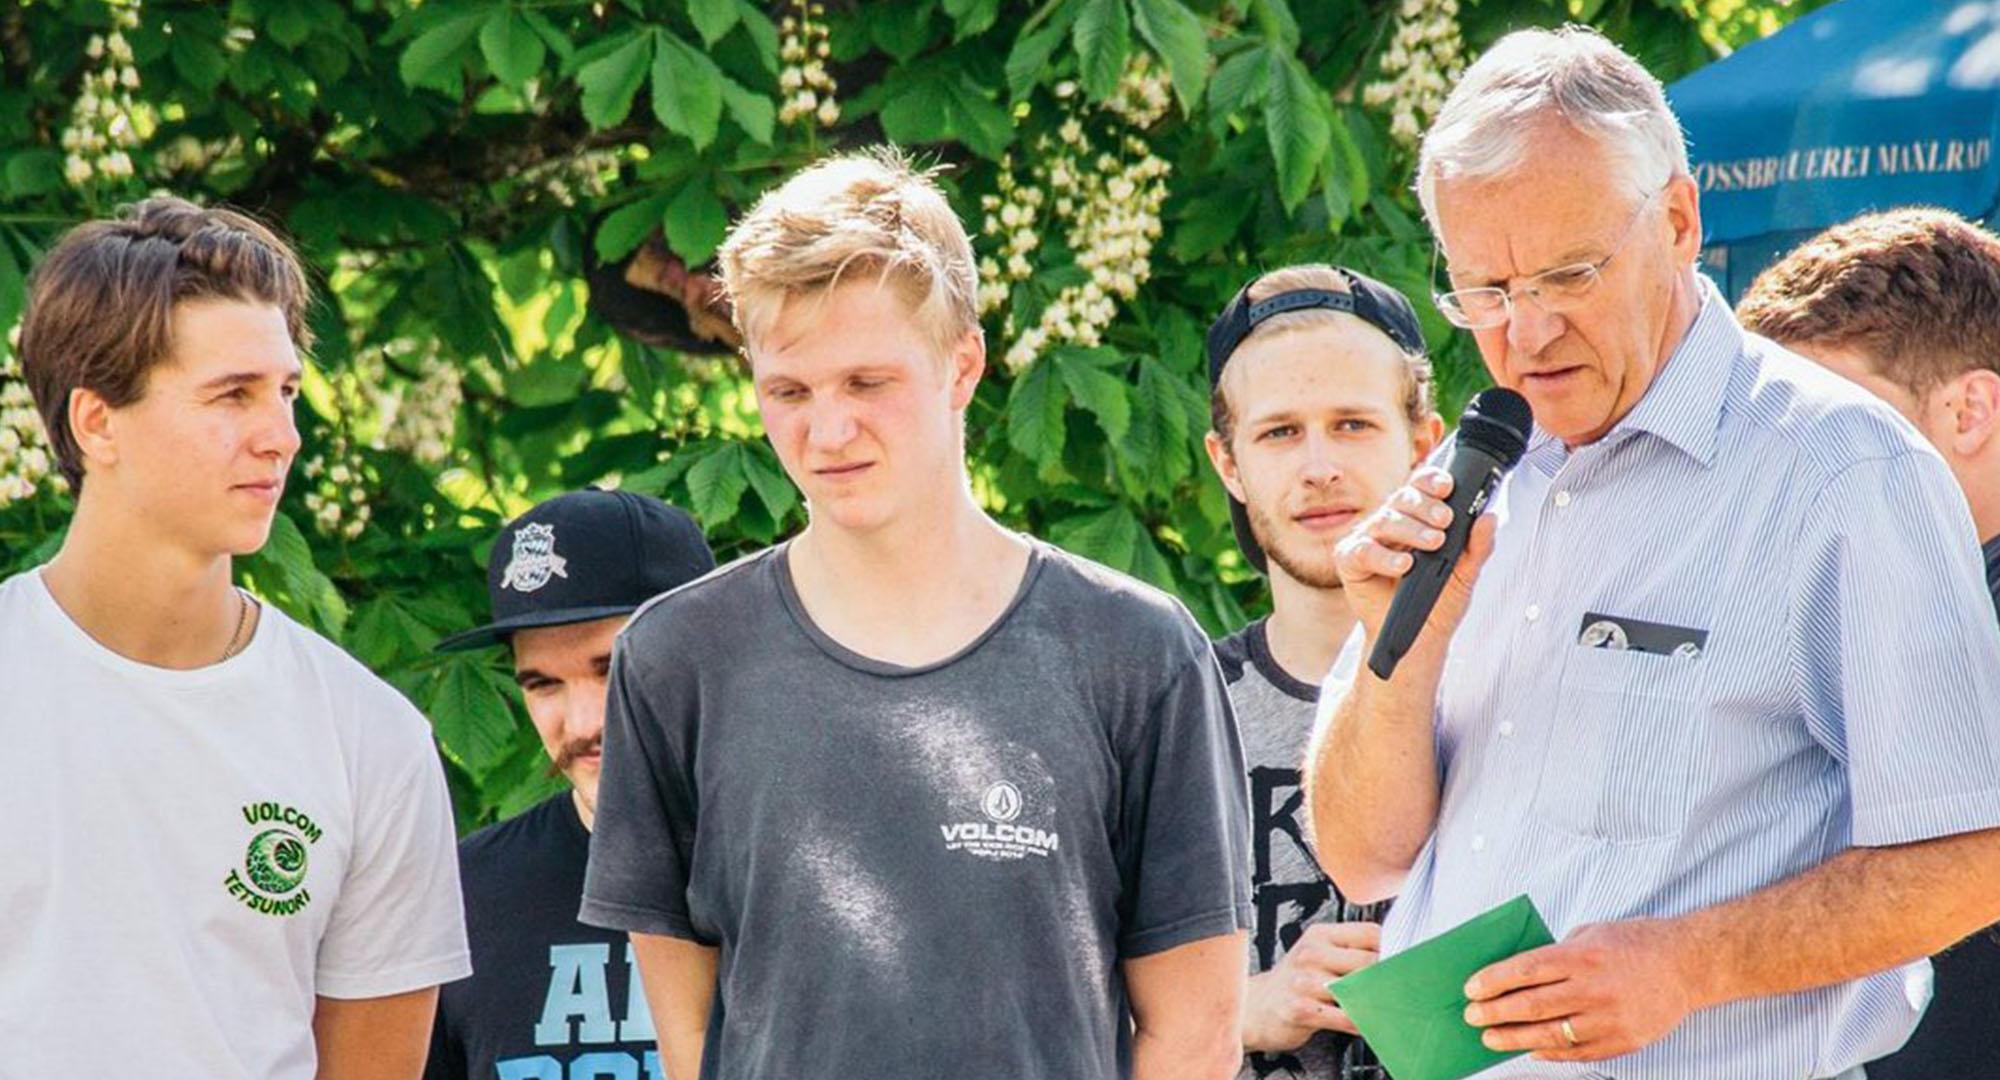 Sponsoring durch Rothmoser beim Sommerfest des Rollsport e.V. in Ebersberg